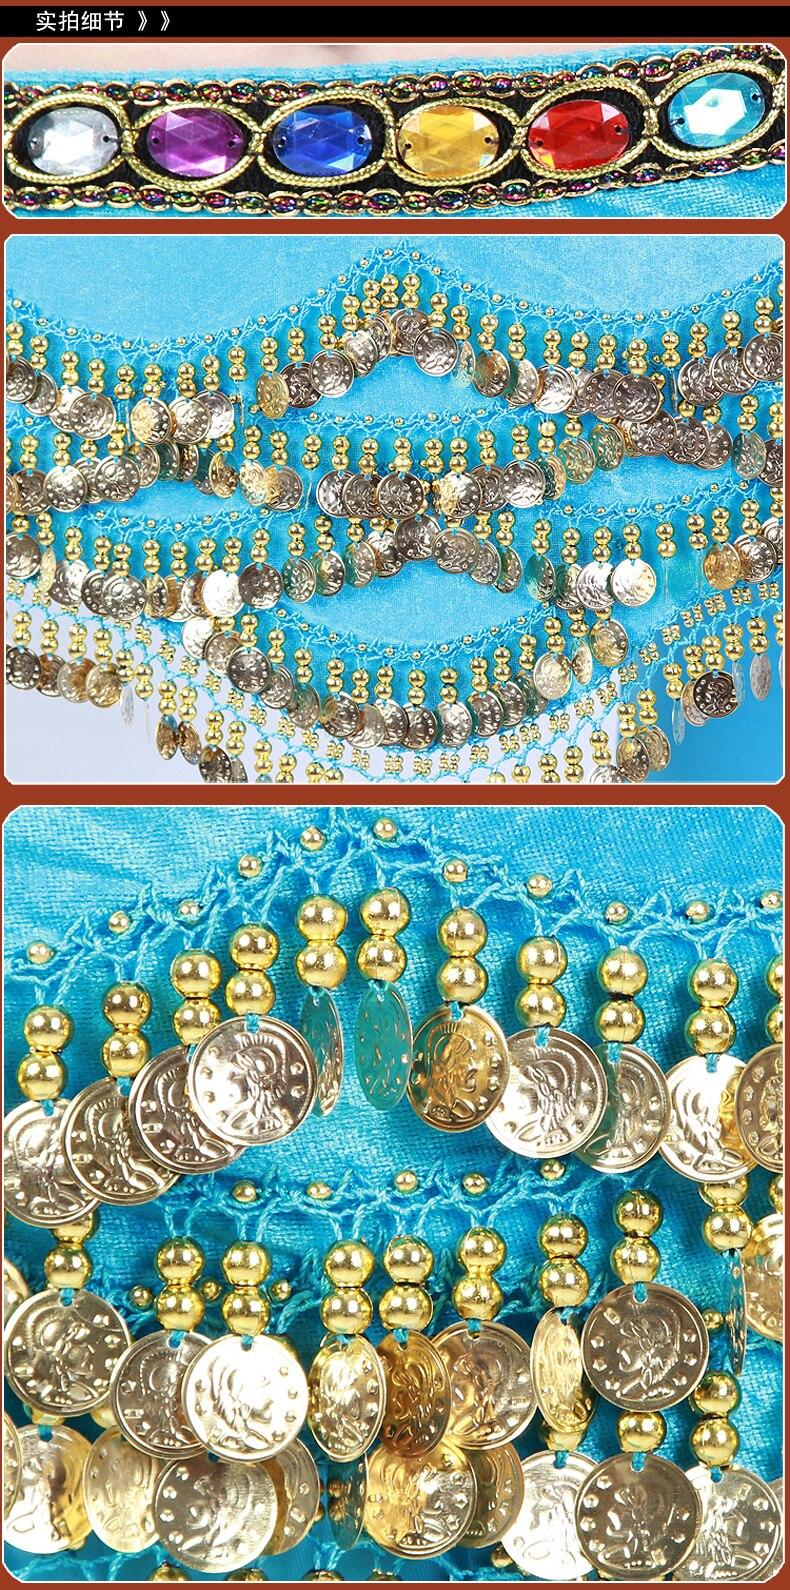 Танец живота Талия цепь Талия шарф золотая монета Цвет Алмаз волнистые фланелевые Практика Производительность Талия цепь производительность хип шарф